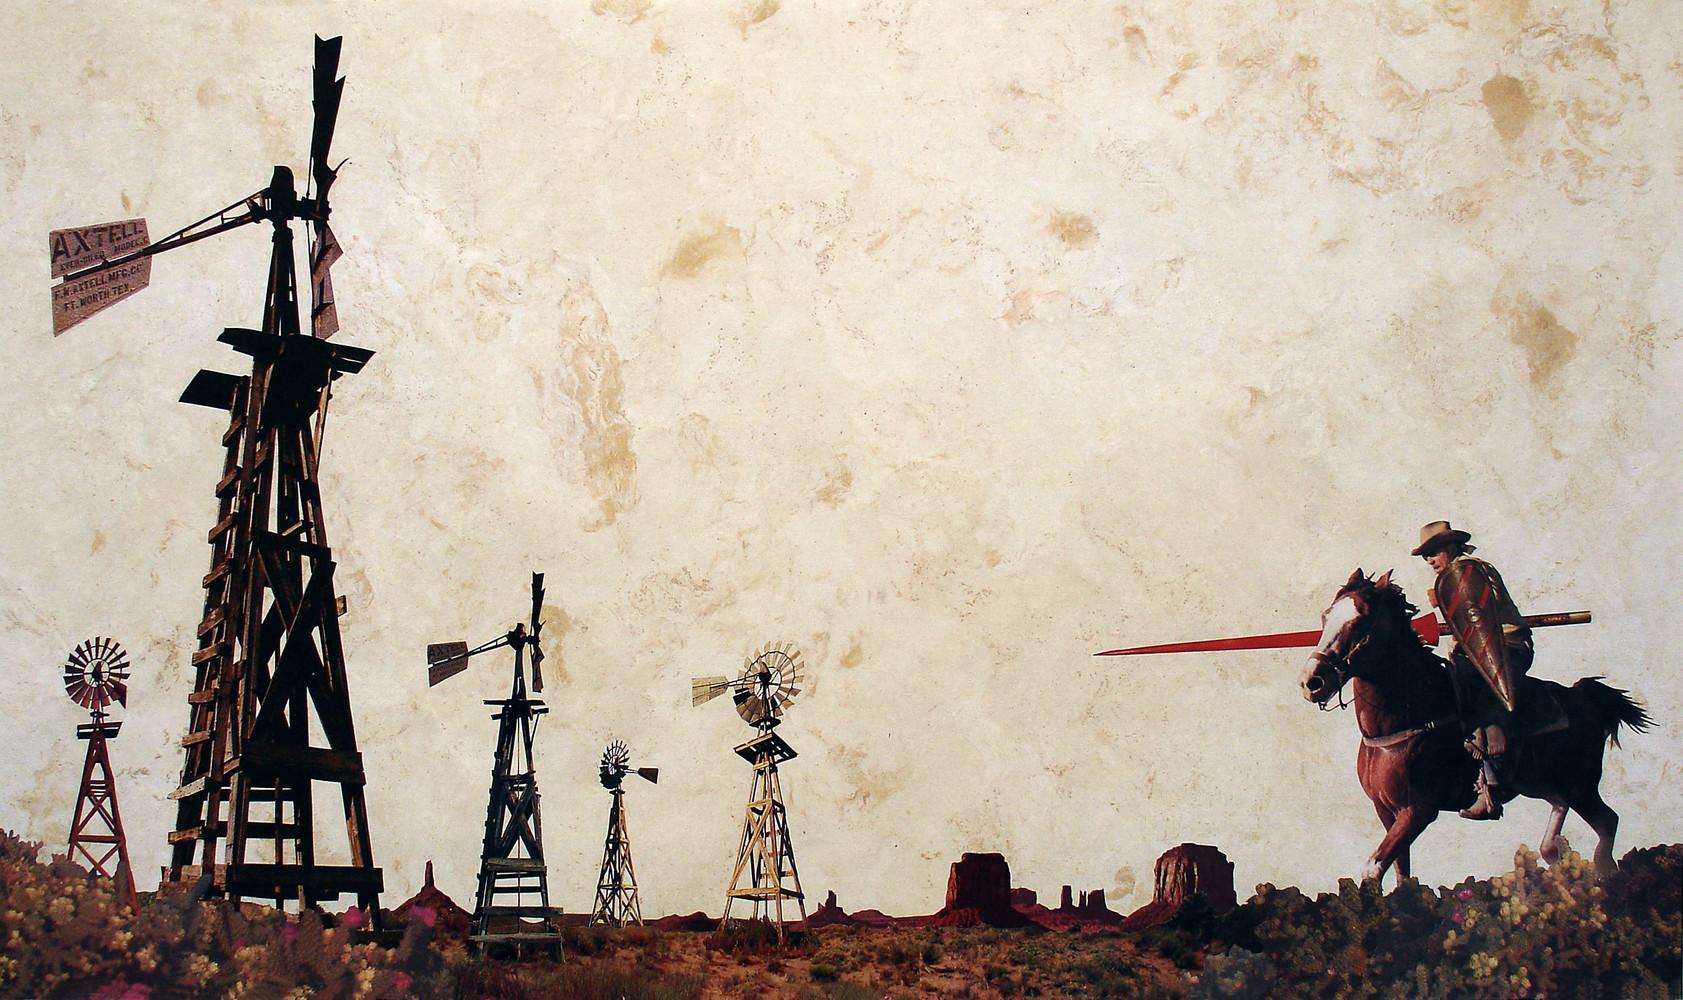 Don Quixote 4, 2007